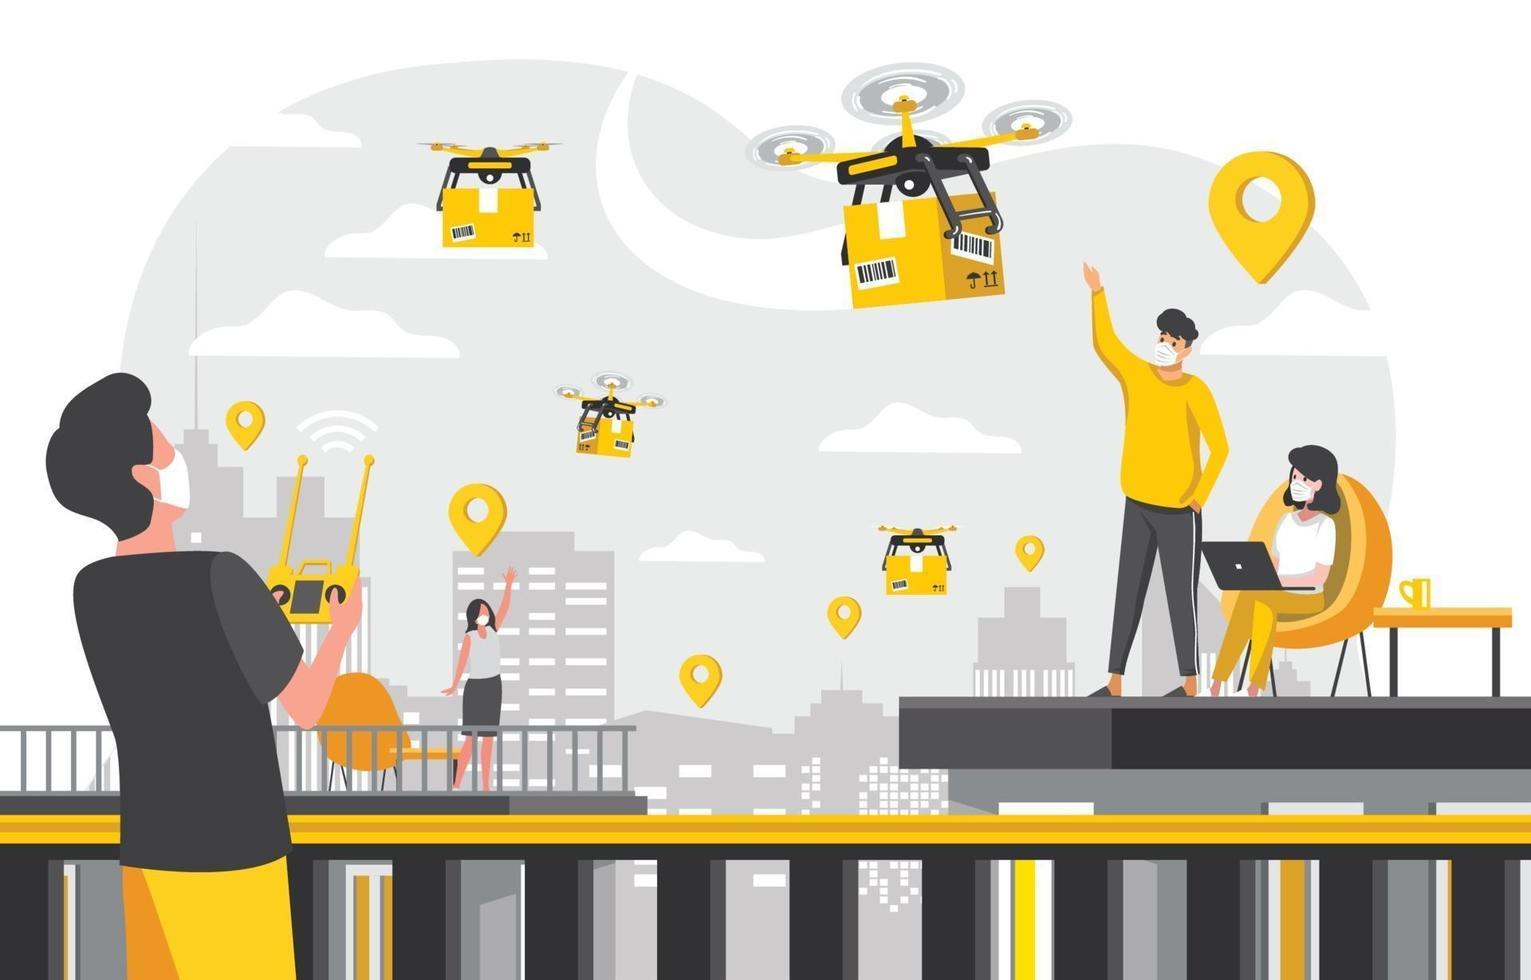 entrega sem contato sem contato com conceito drone vetor